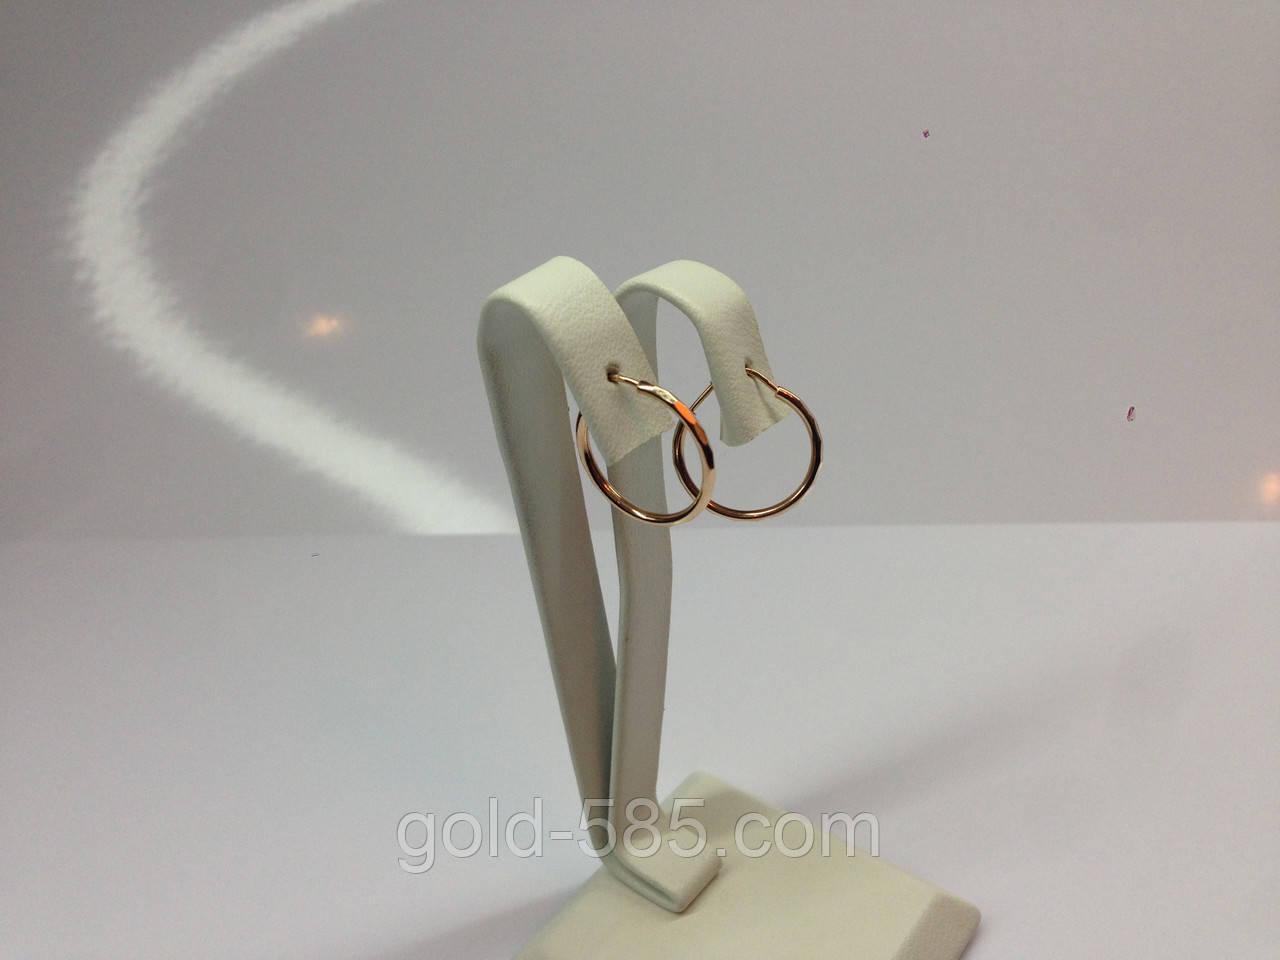 """Небольшие граненные золотые серьги """"Конго"""" с диаметром 1,5 см - Мастерская ювелирных украшений «GOLD-585» в Запорожье"""